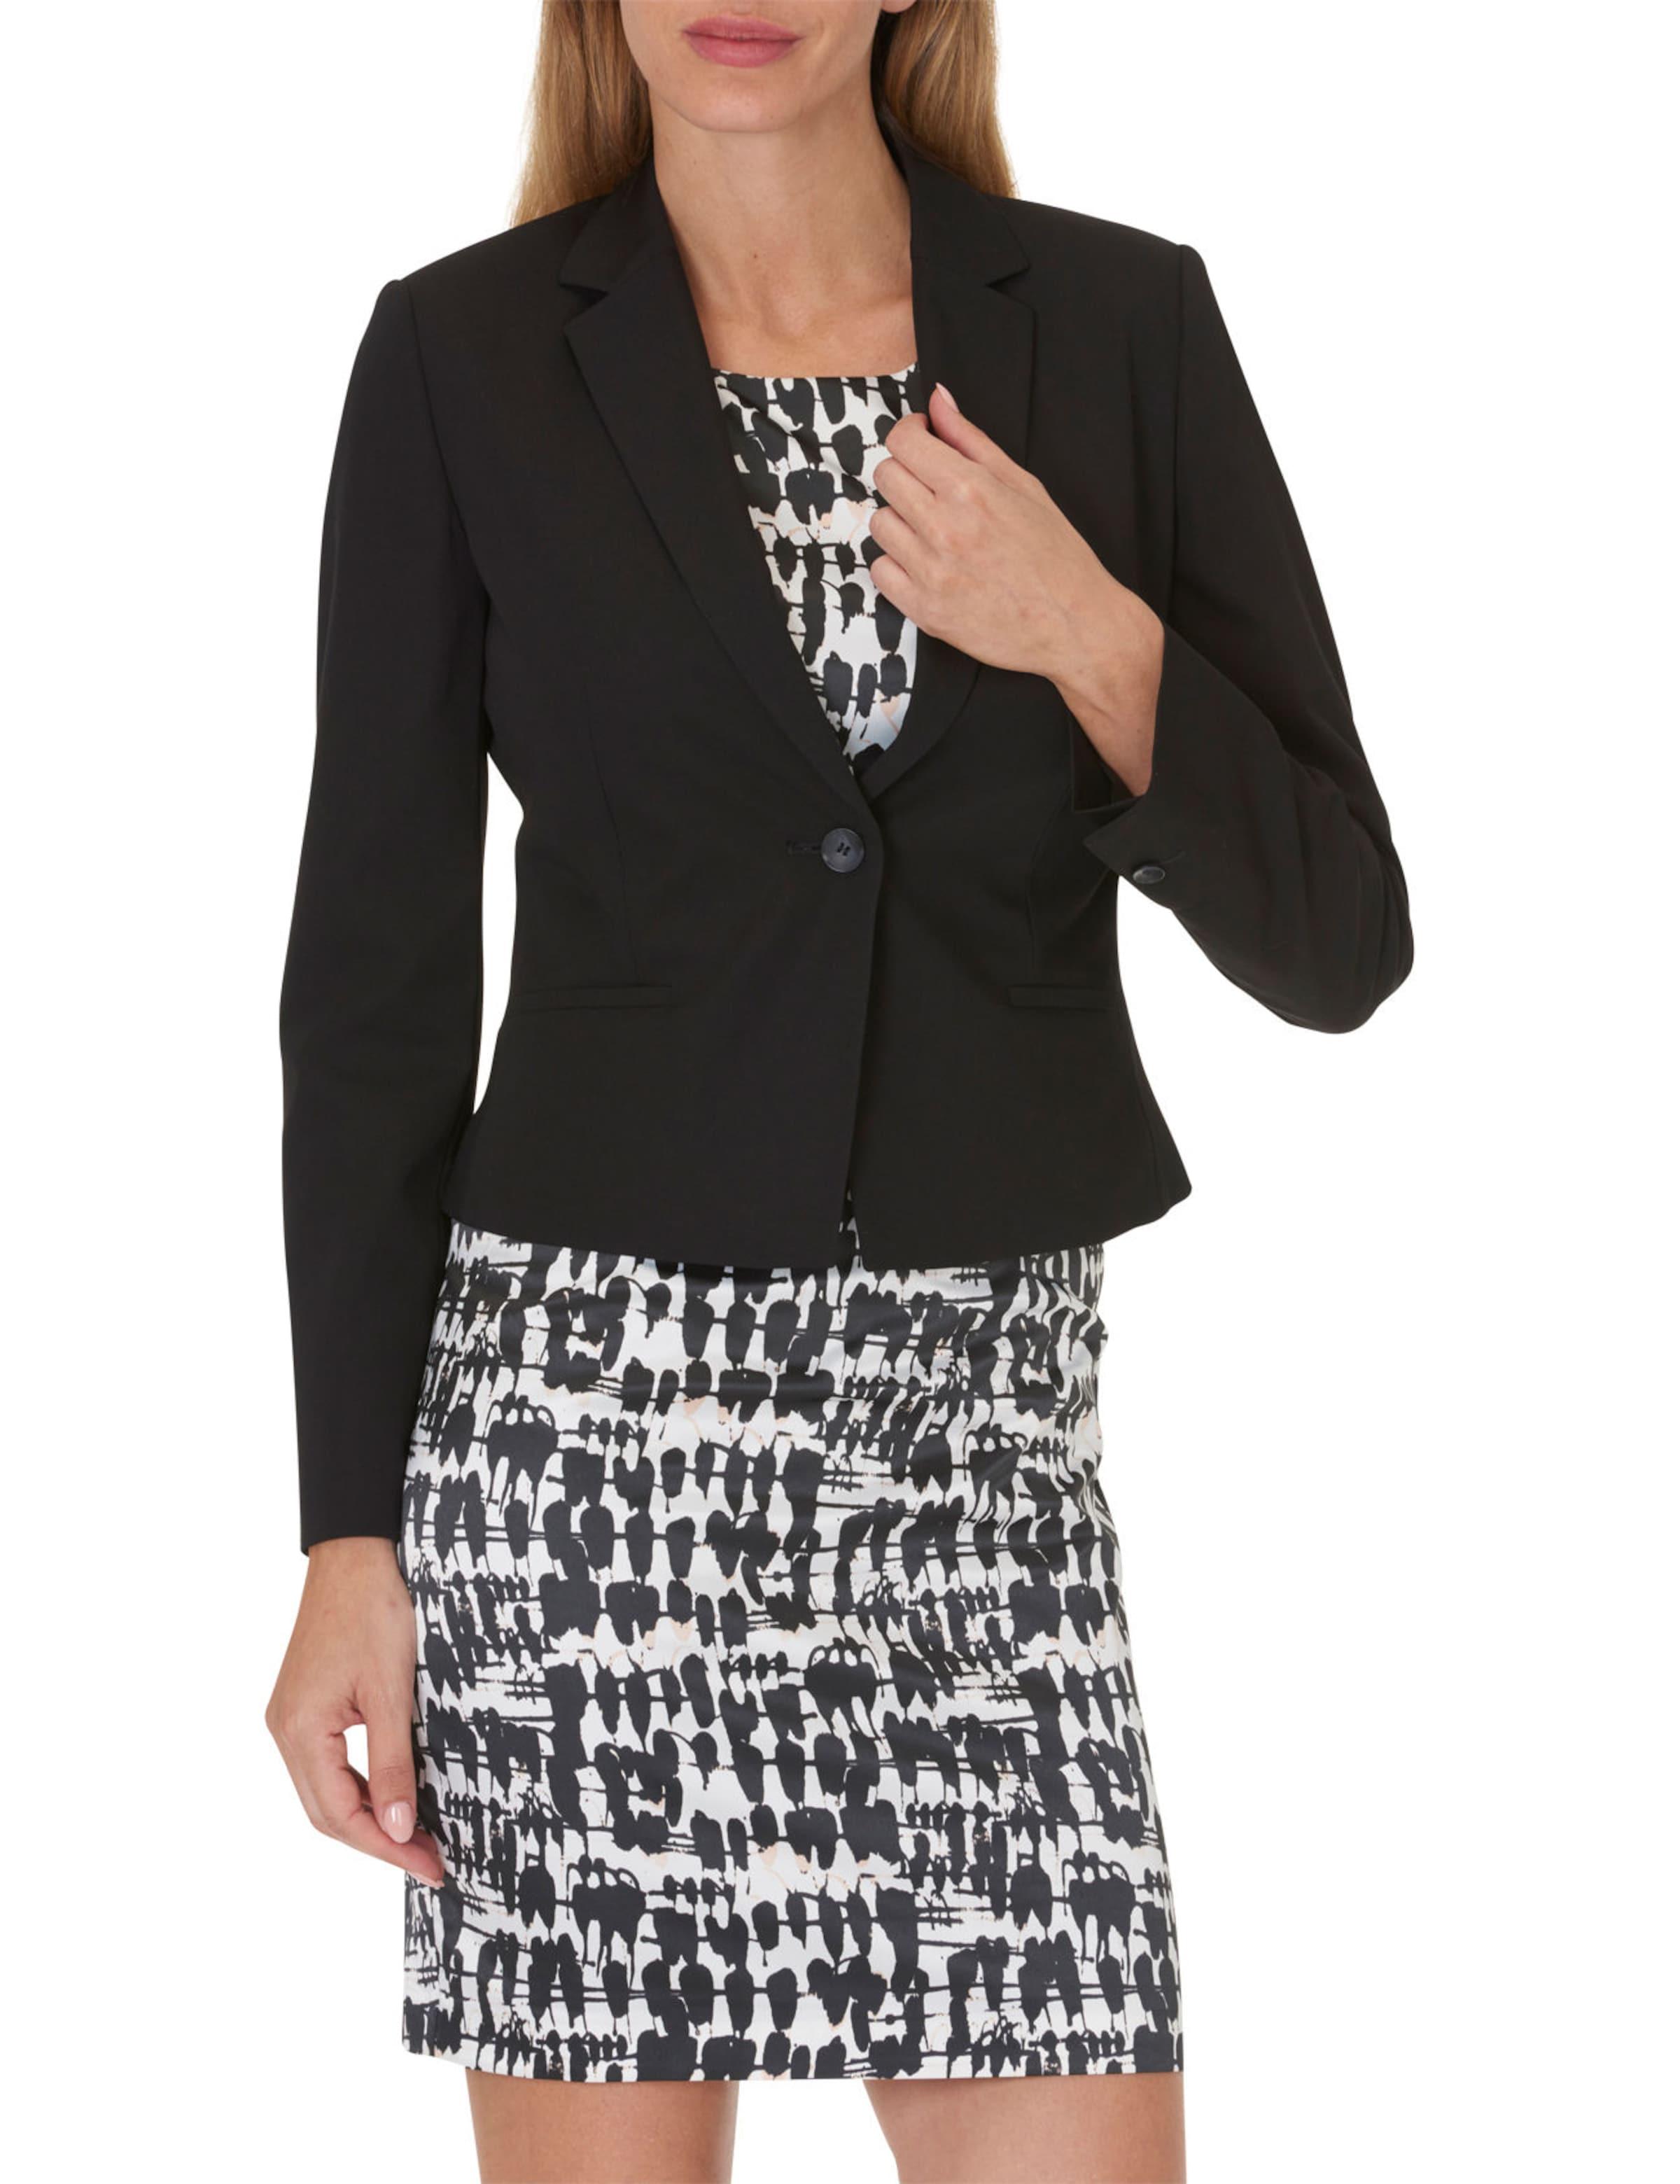 Günstiger Preis Großhandel Günstig Kaufen Echt Betty & Co Blazer im klassischen Stil Footlocker Zum Verkauf unHvFDV3